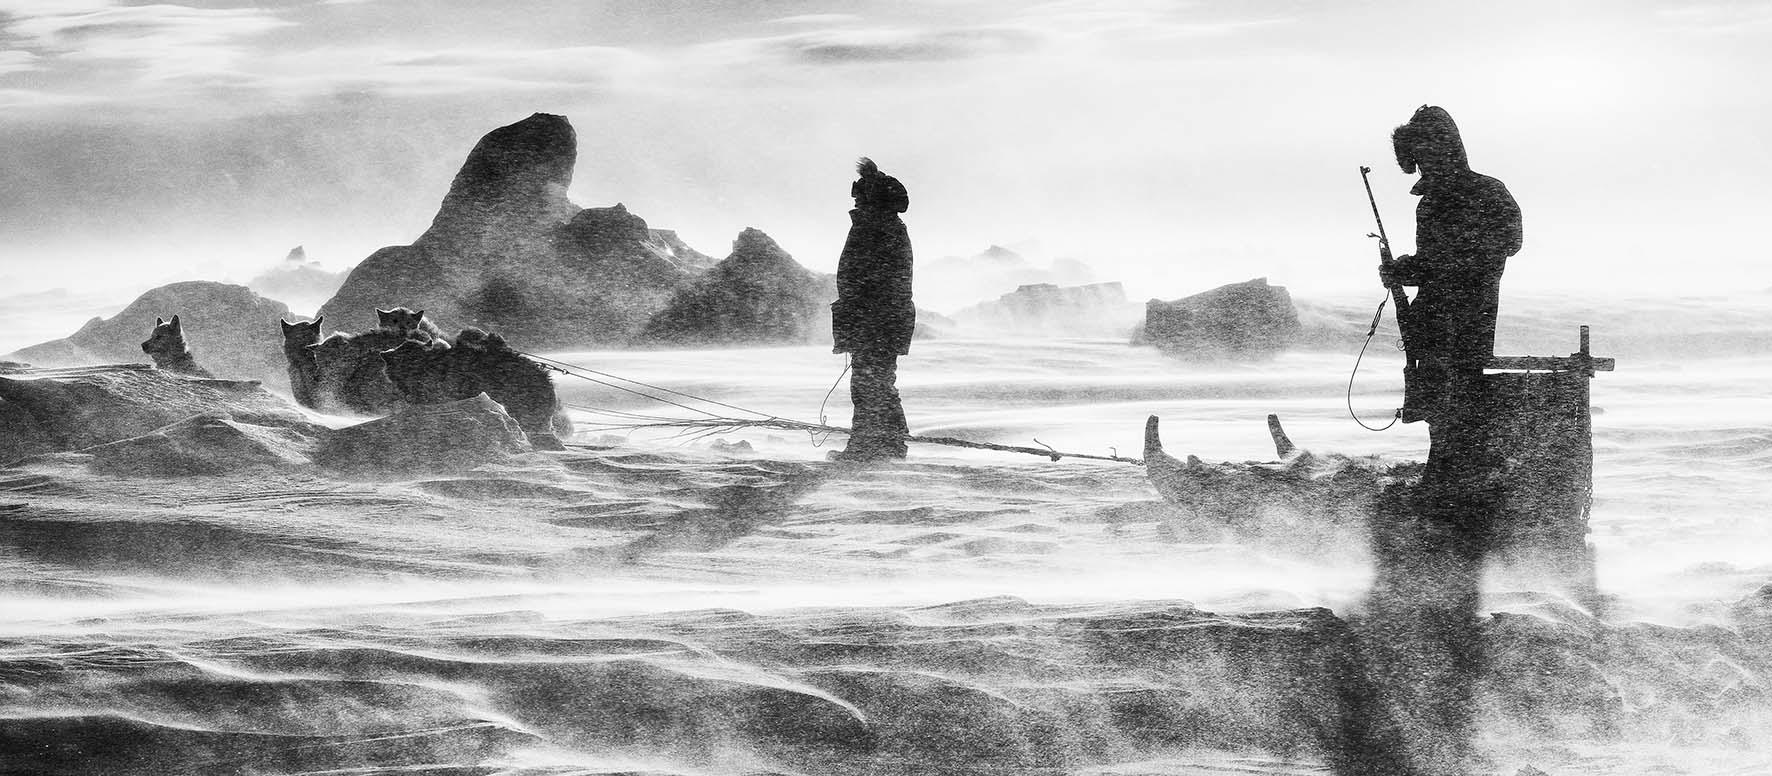 Mostra casa tre oci artico ultima frontiera Carsten Egevang East Greenland Scoresbysund 2016 Carsten Egevang